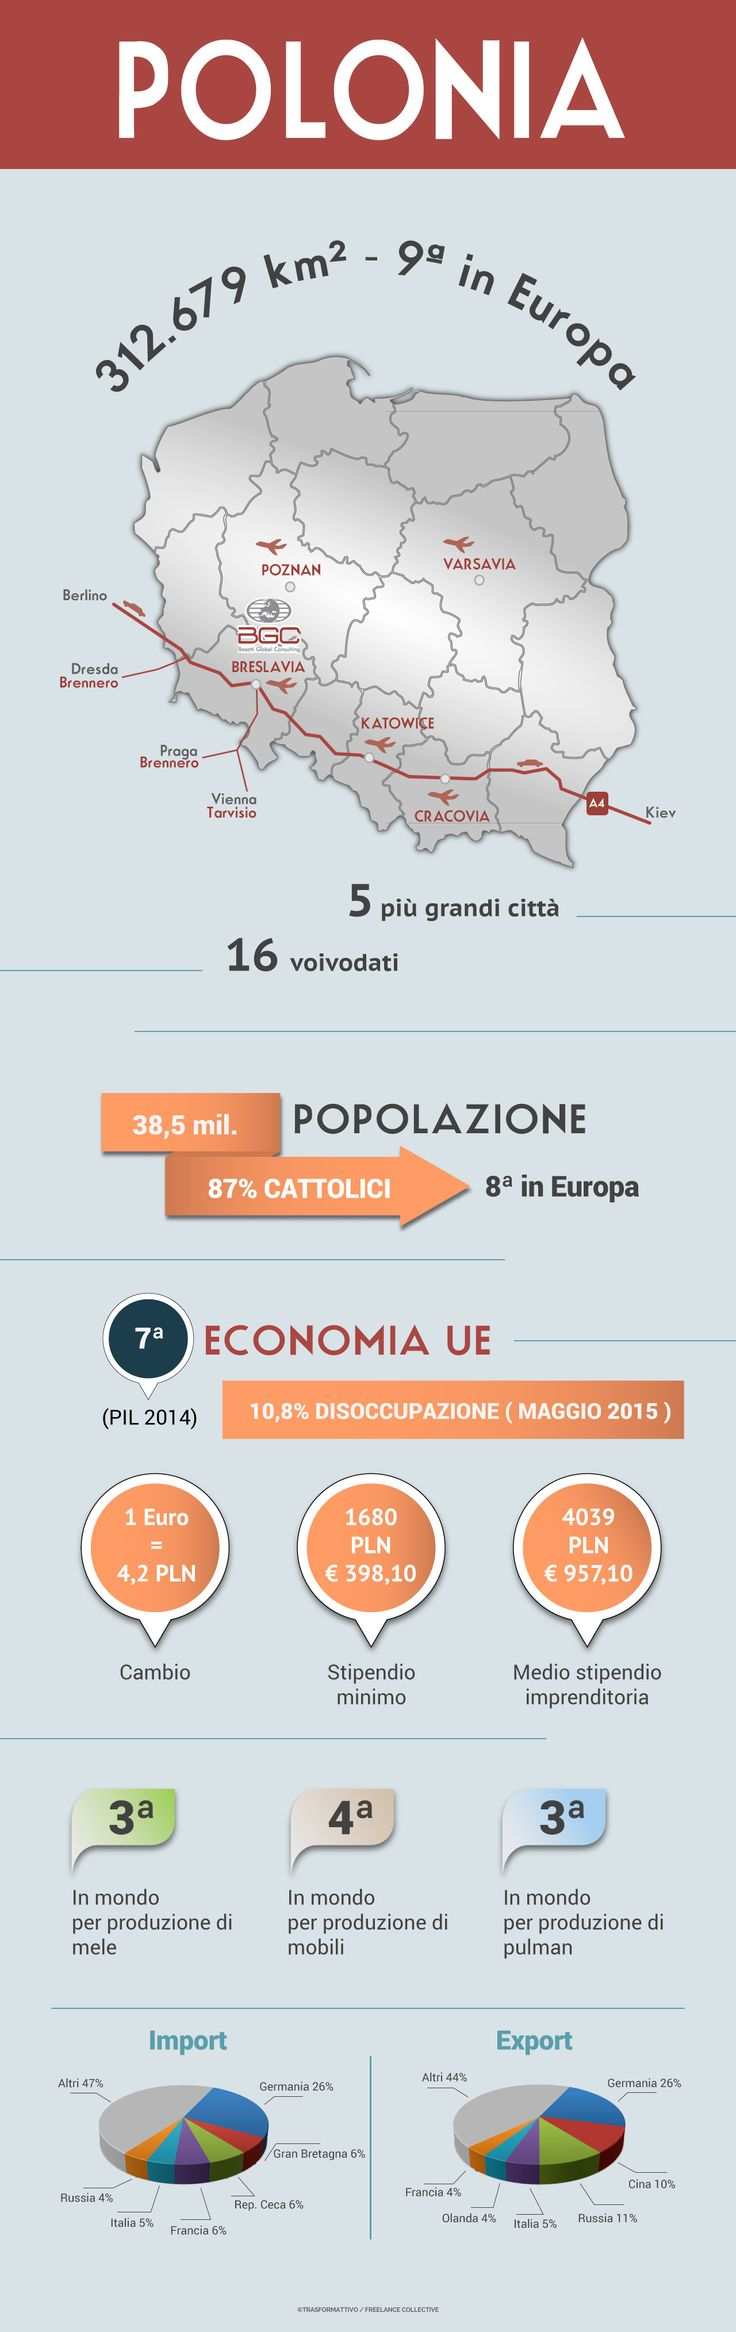 #Infografica su #Polonia per Italiani. Per nostro cliente e Suo blog.